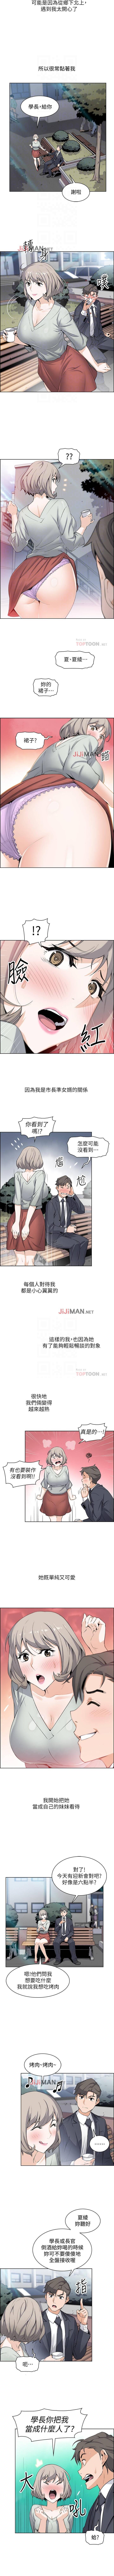 【周四连载】前女友变女佣(作者:PAPER&頸枕) 第1~33话 114